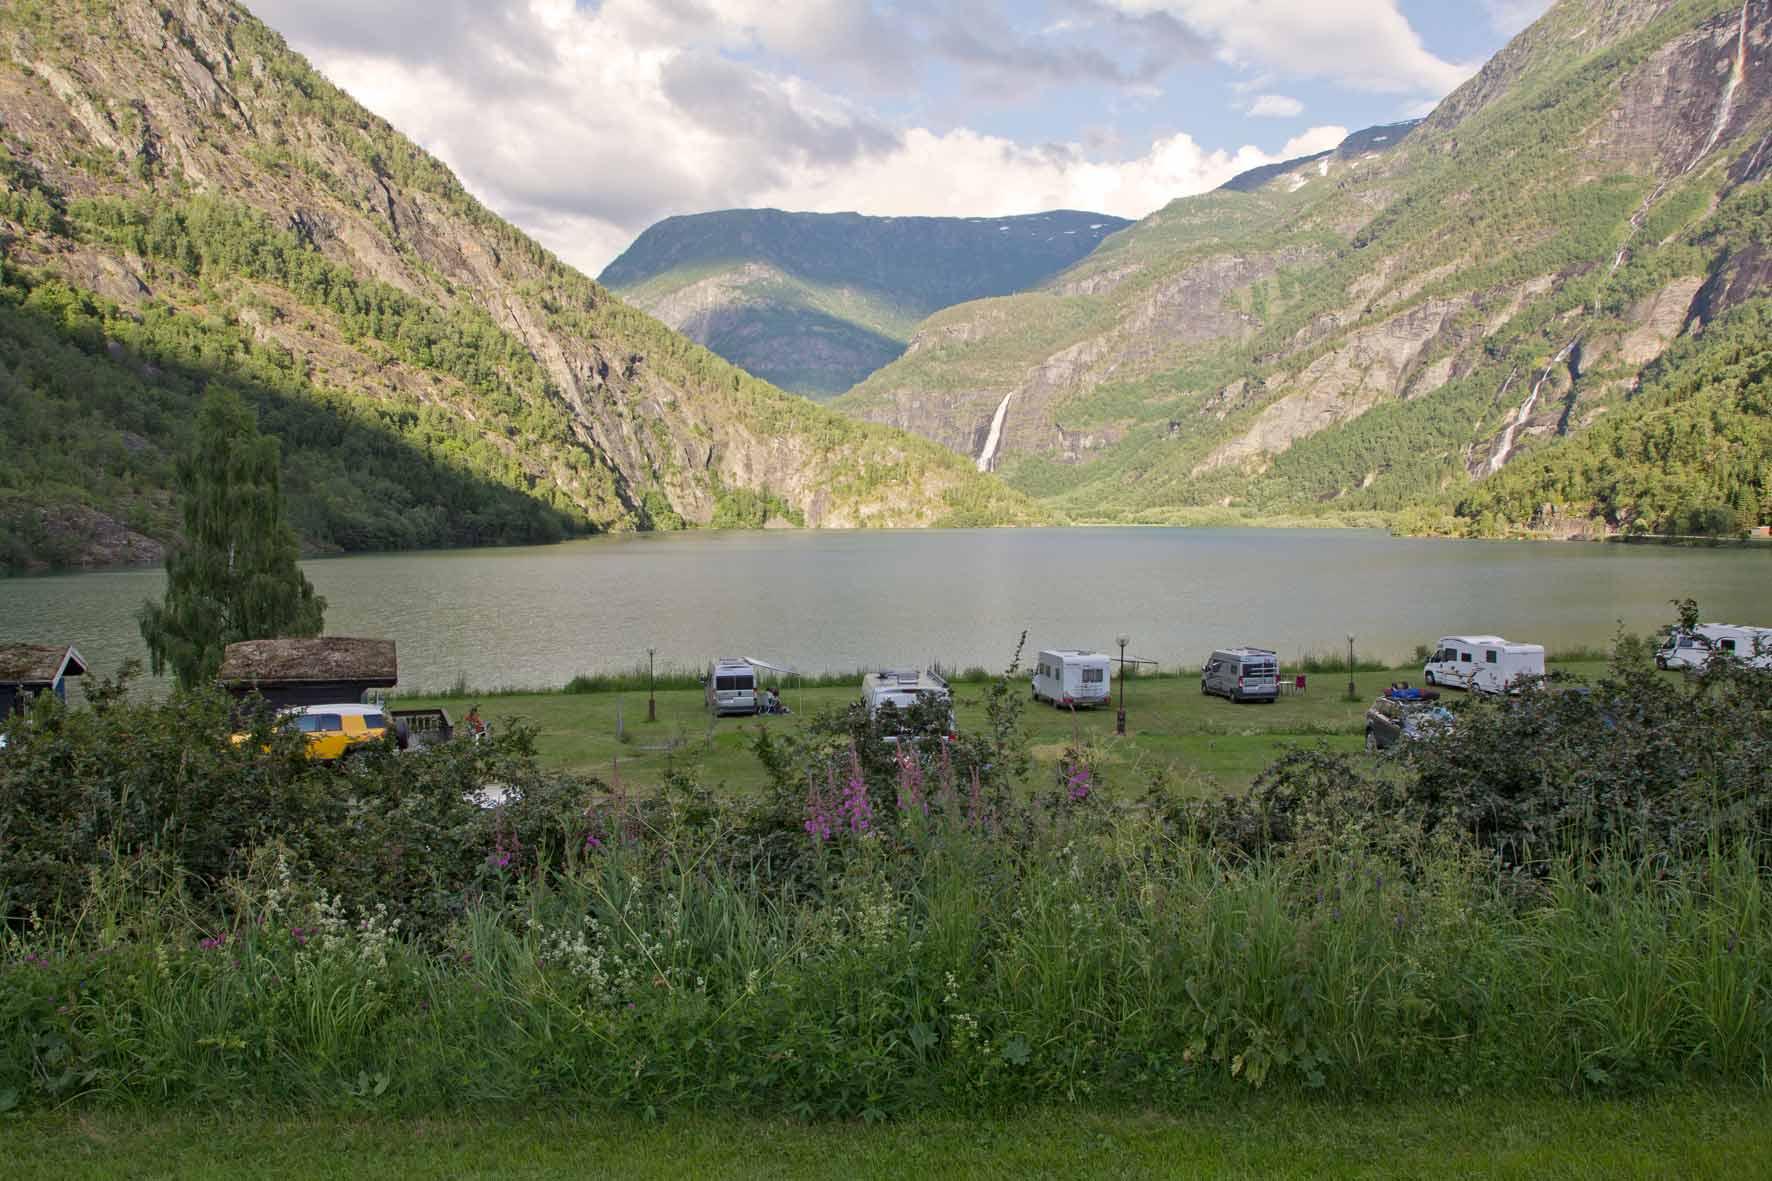 Campingplatz mit Blick auf den Wasserfall Vassbakken